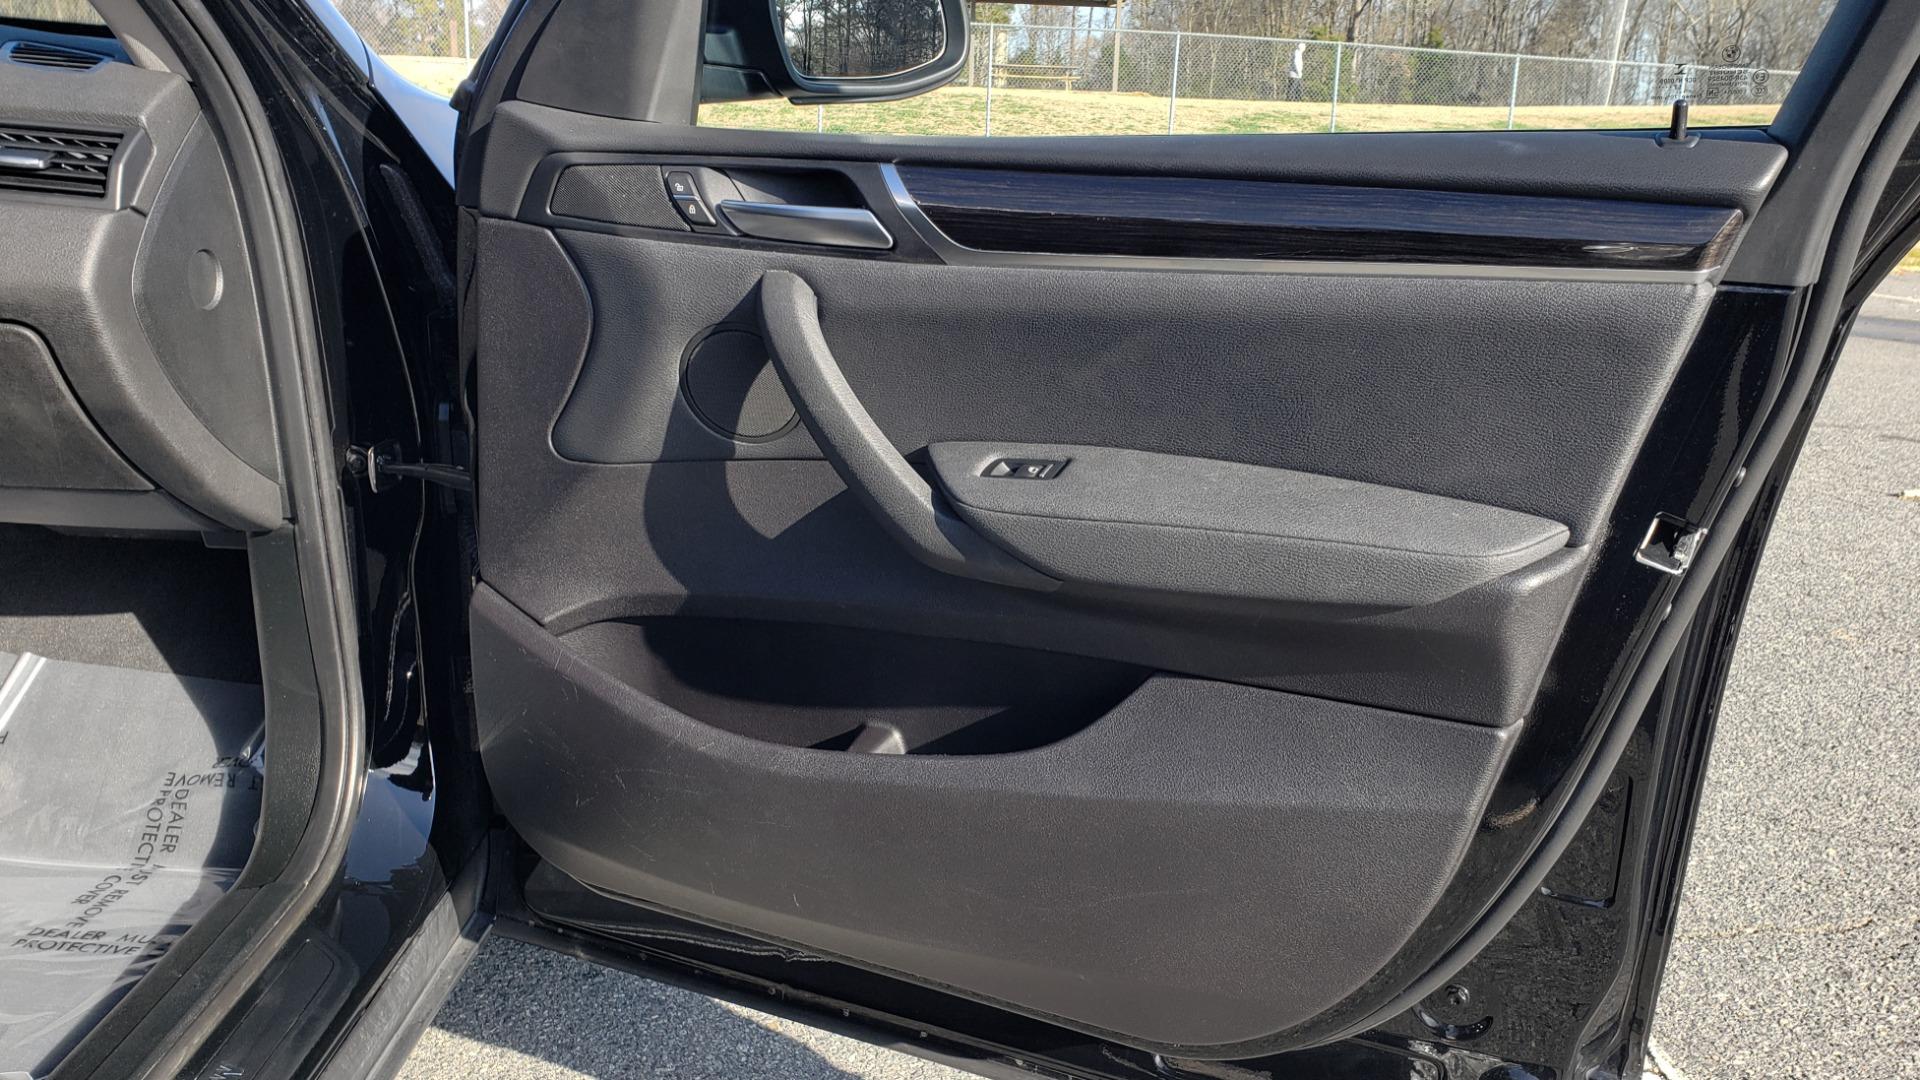 Used 2017 BMW X3 XDRIVE28I / PREM PKG / NAV / DRVR ASST / HTD STS / CAMERAS for sale Sold at Formula Imports in Charlotte NC 28227 75